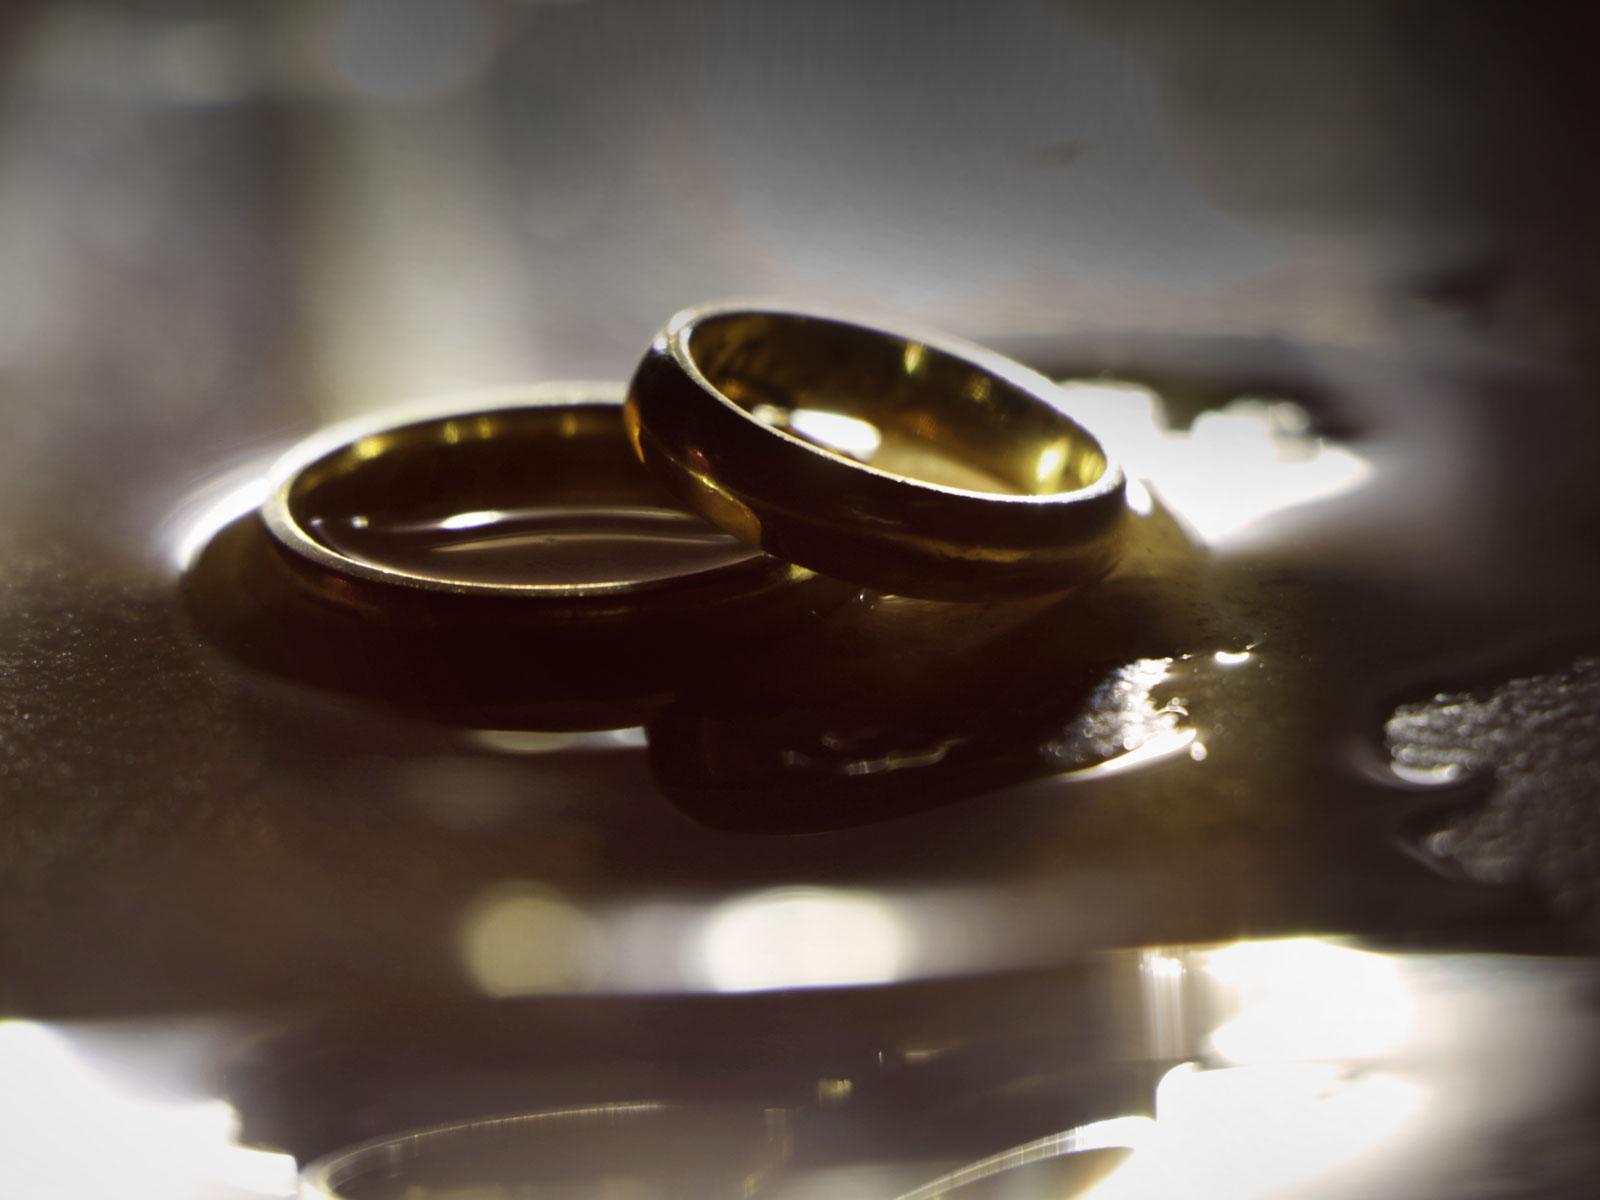 Santo Agostinho nos ensina sobre as três bondades do matrimônio